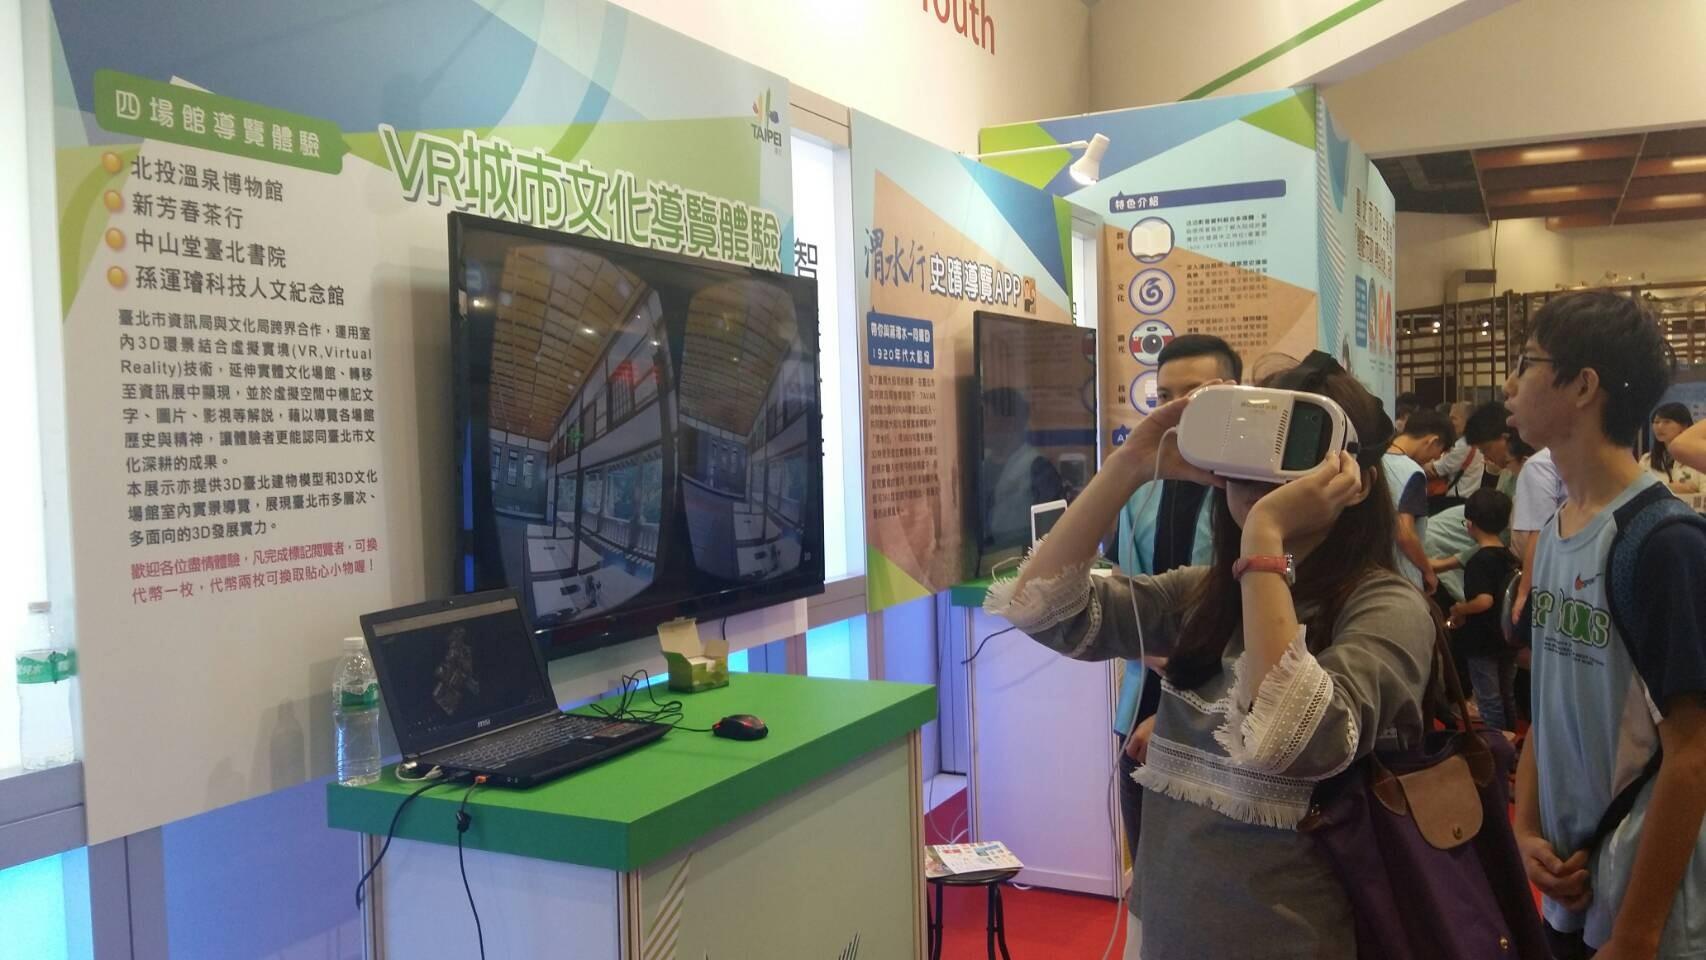 圖2:臺北市政府主題館-「VR城市文化導覽」展區